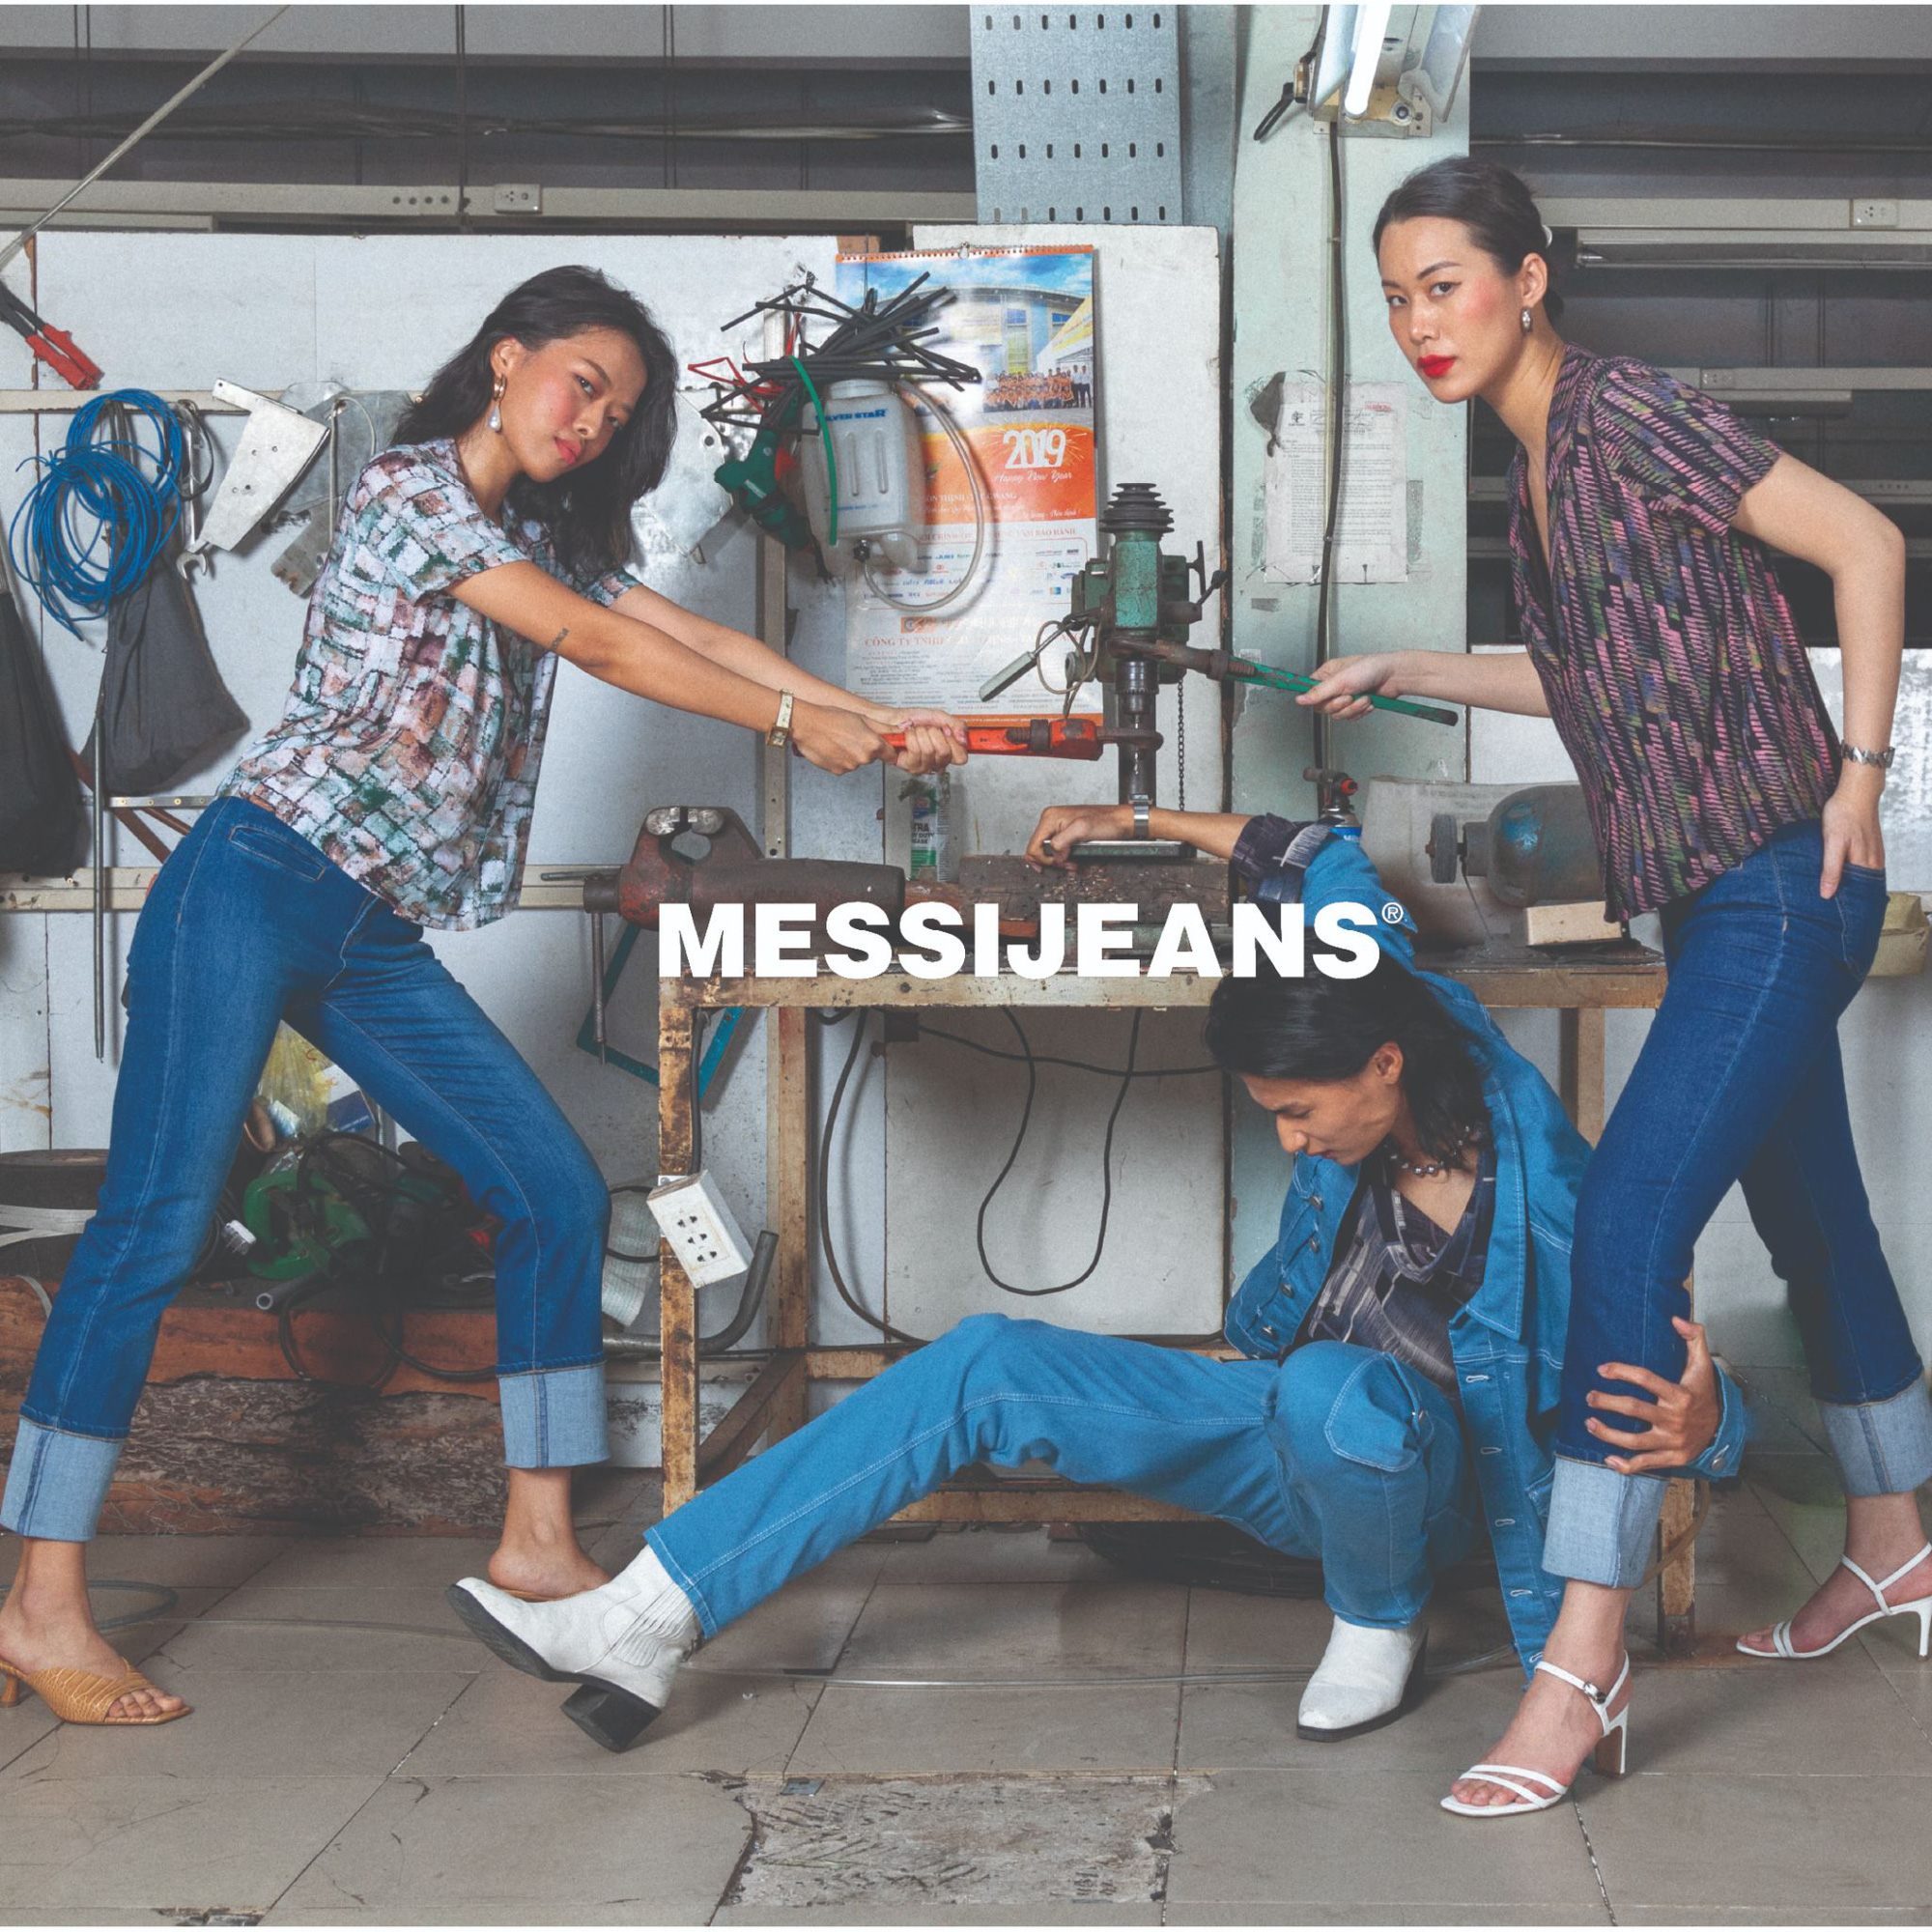 Sự kiện ra mắt BST Nét đẹp lao động của Messi Jeans: Hot fashionista Louis Hà góp mặt, có cả khu vực may túi lấy ngay - Ảnh 1.